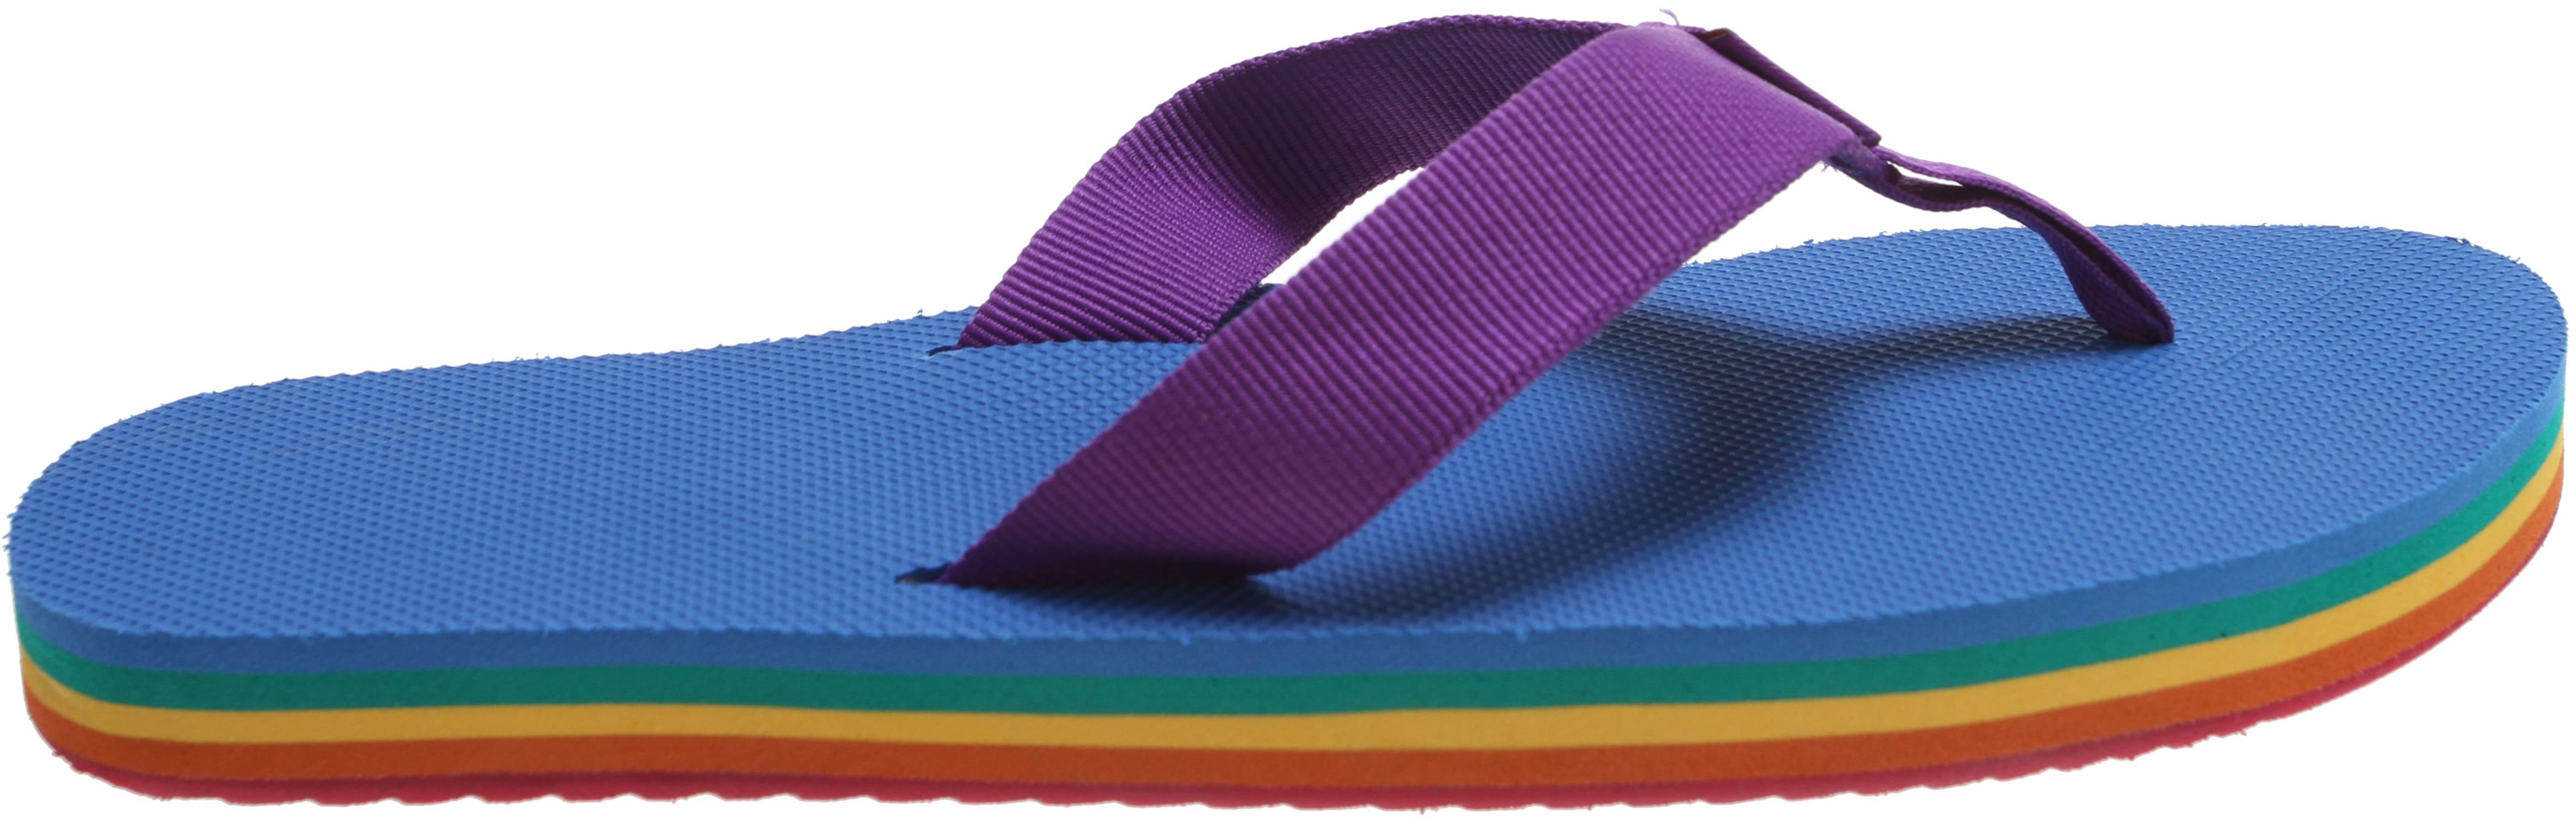 7bc0a9ca3e89c9 Teva Deckers Flip Sandals - thumbnail 1